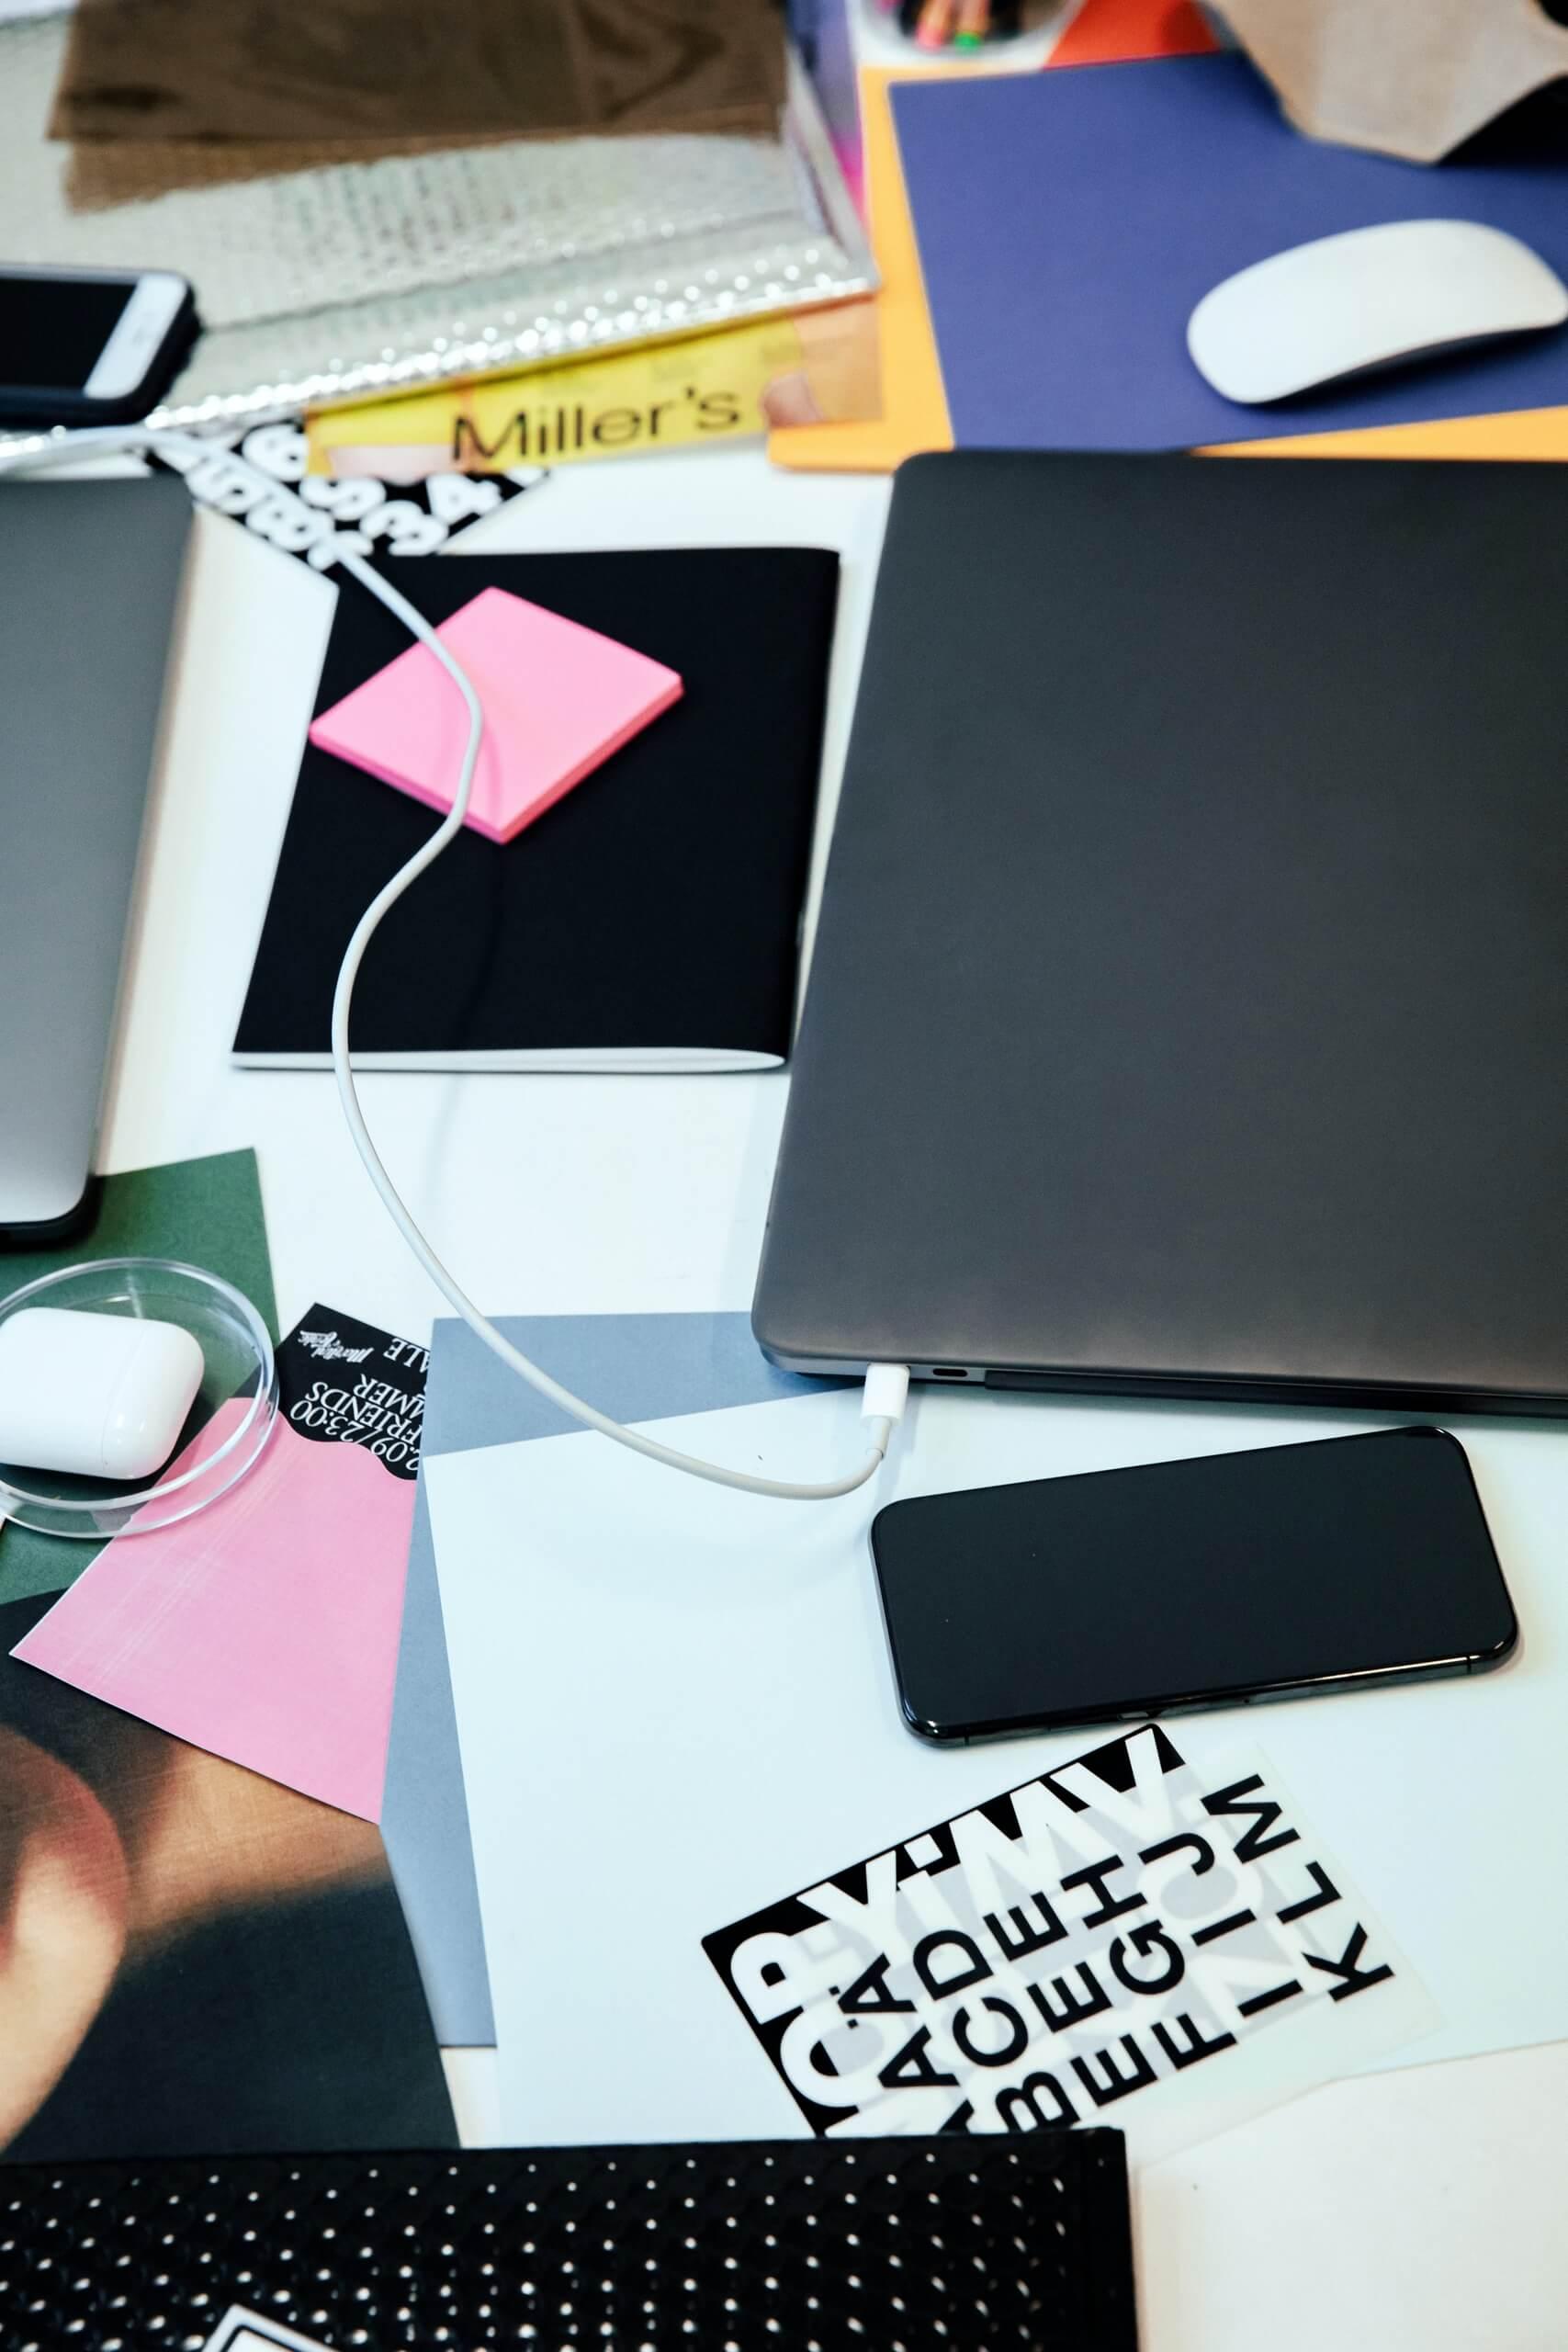 DTS_On_the_Agency_Desk_Julien_Tell_3507-1